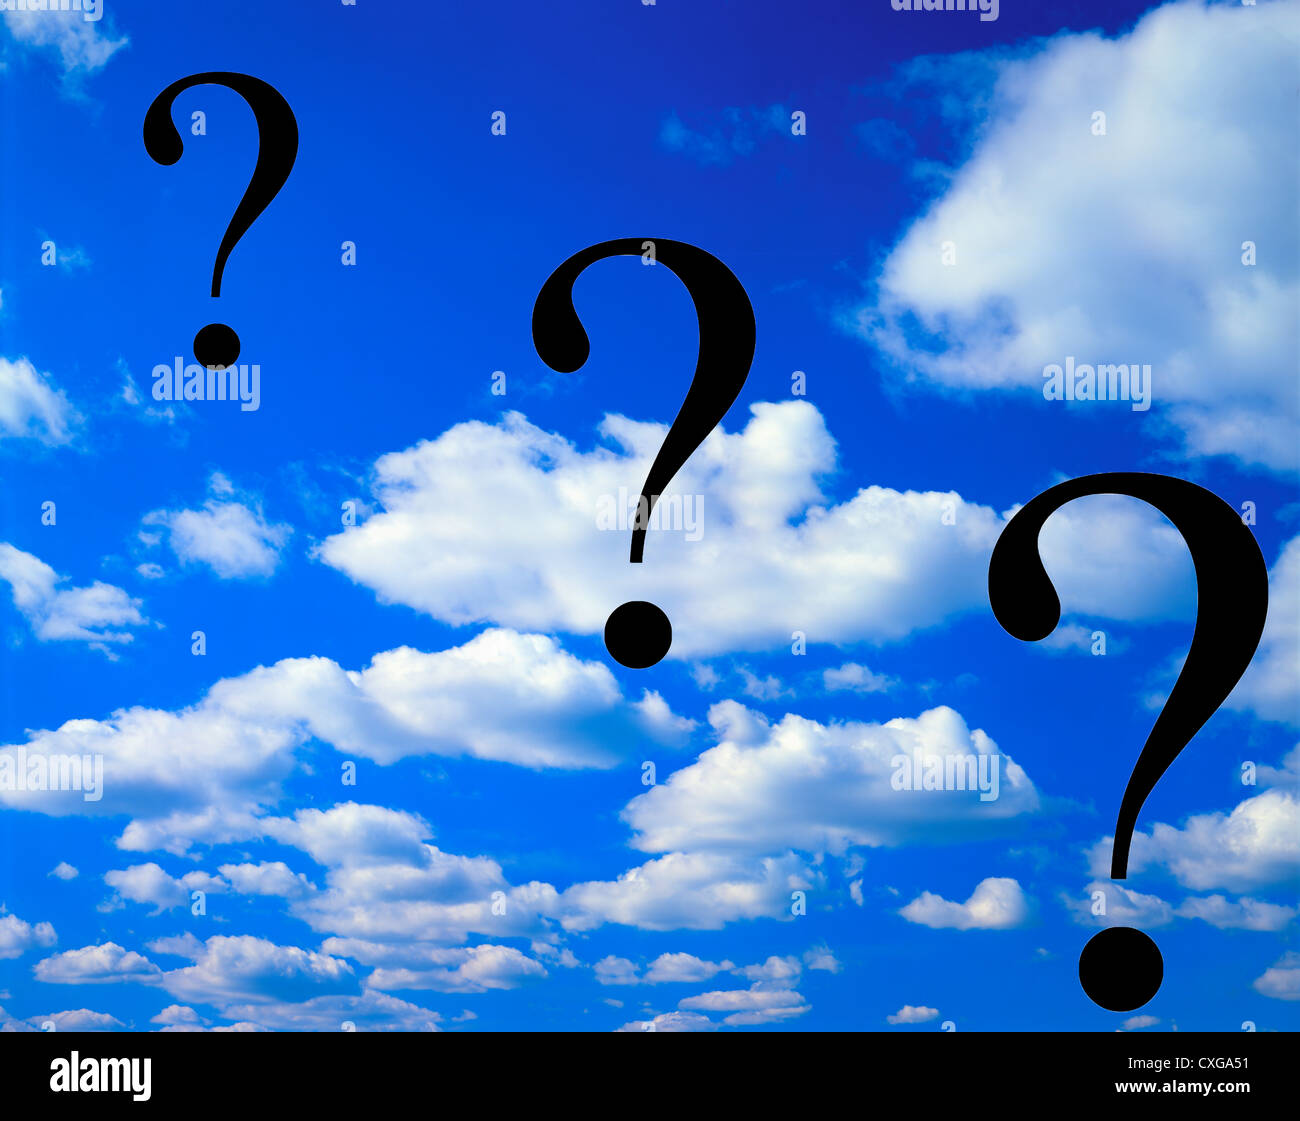 Concept de ciel bleu et nuages blancs avec 3 points d'interrogation Photo Stock